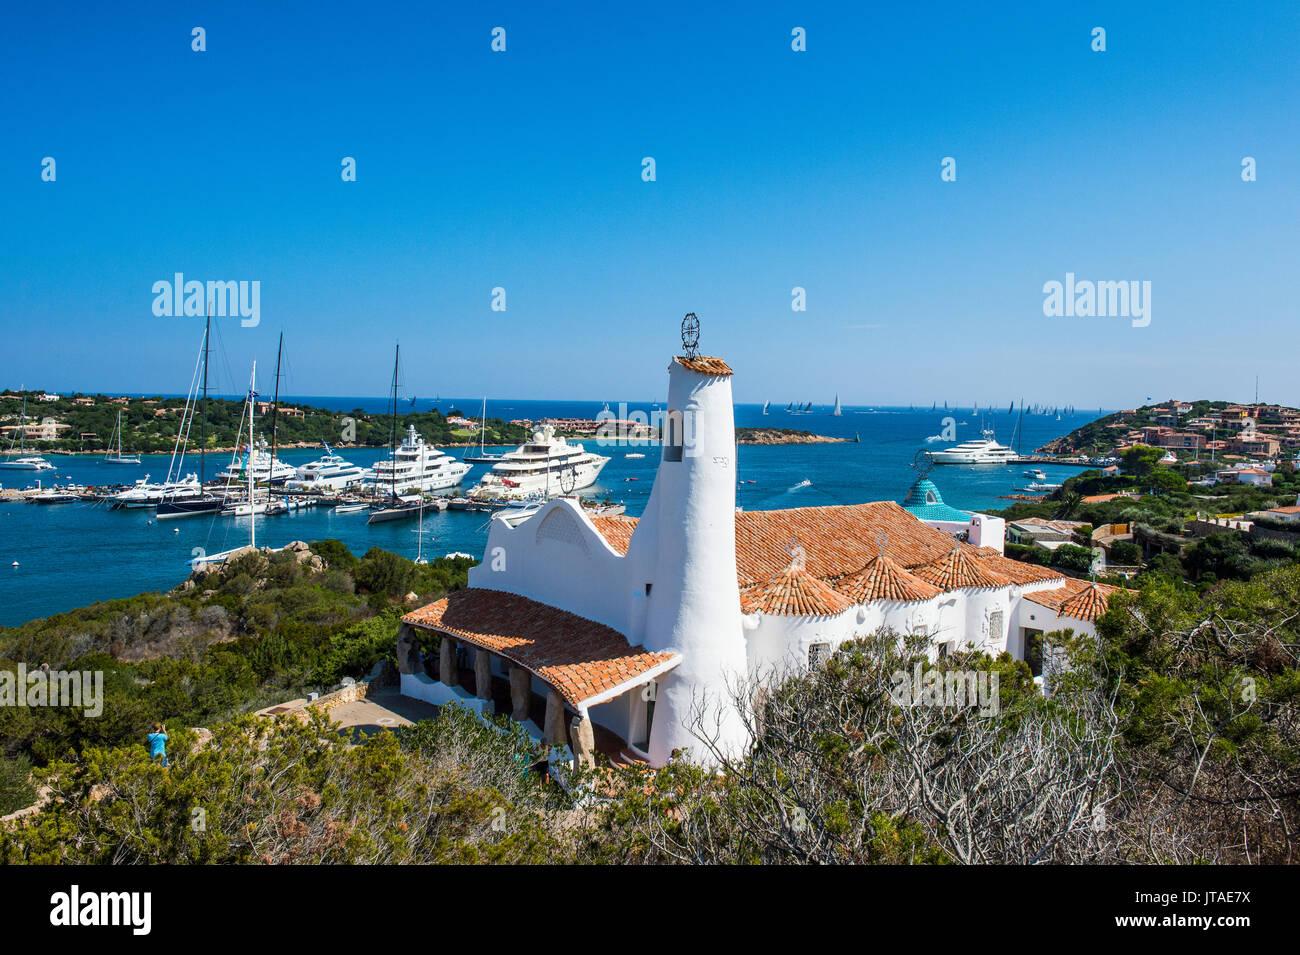 La baia di Porto Cervo e la Costa Smeralda, Sardegna, Italia, Mediterraneo, Europa Immagini Stock